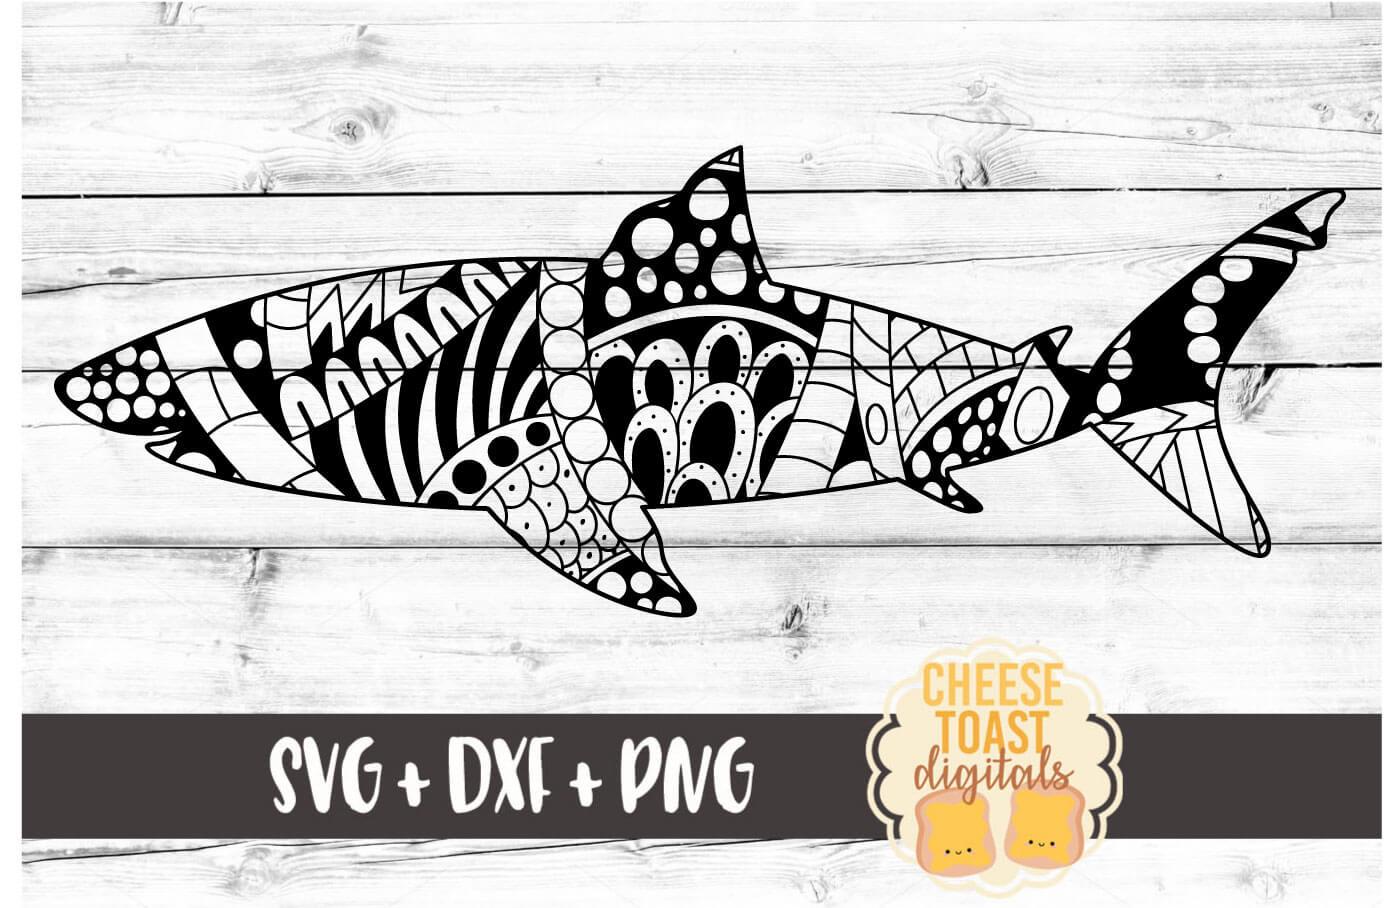 Shark - Zen Doodle Art - Ocean SVG PNG DXF Files example image 2